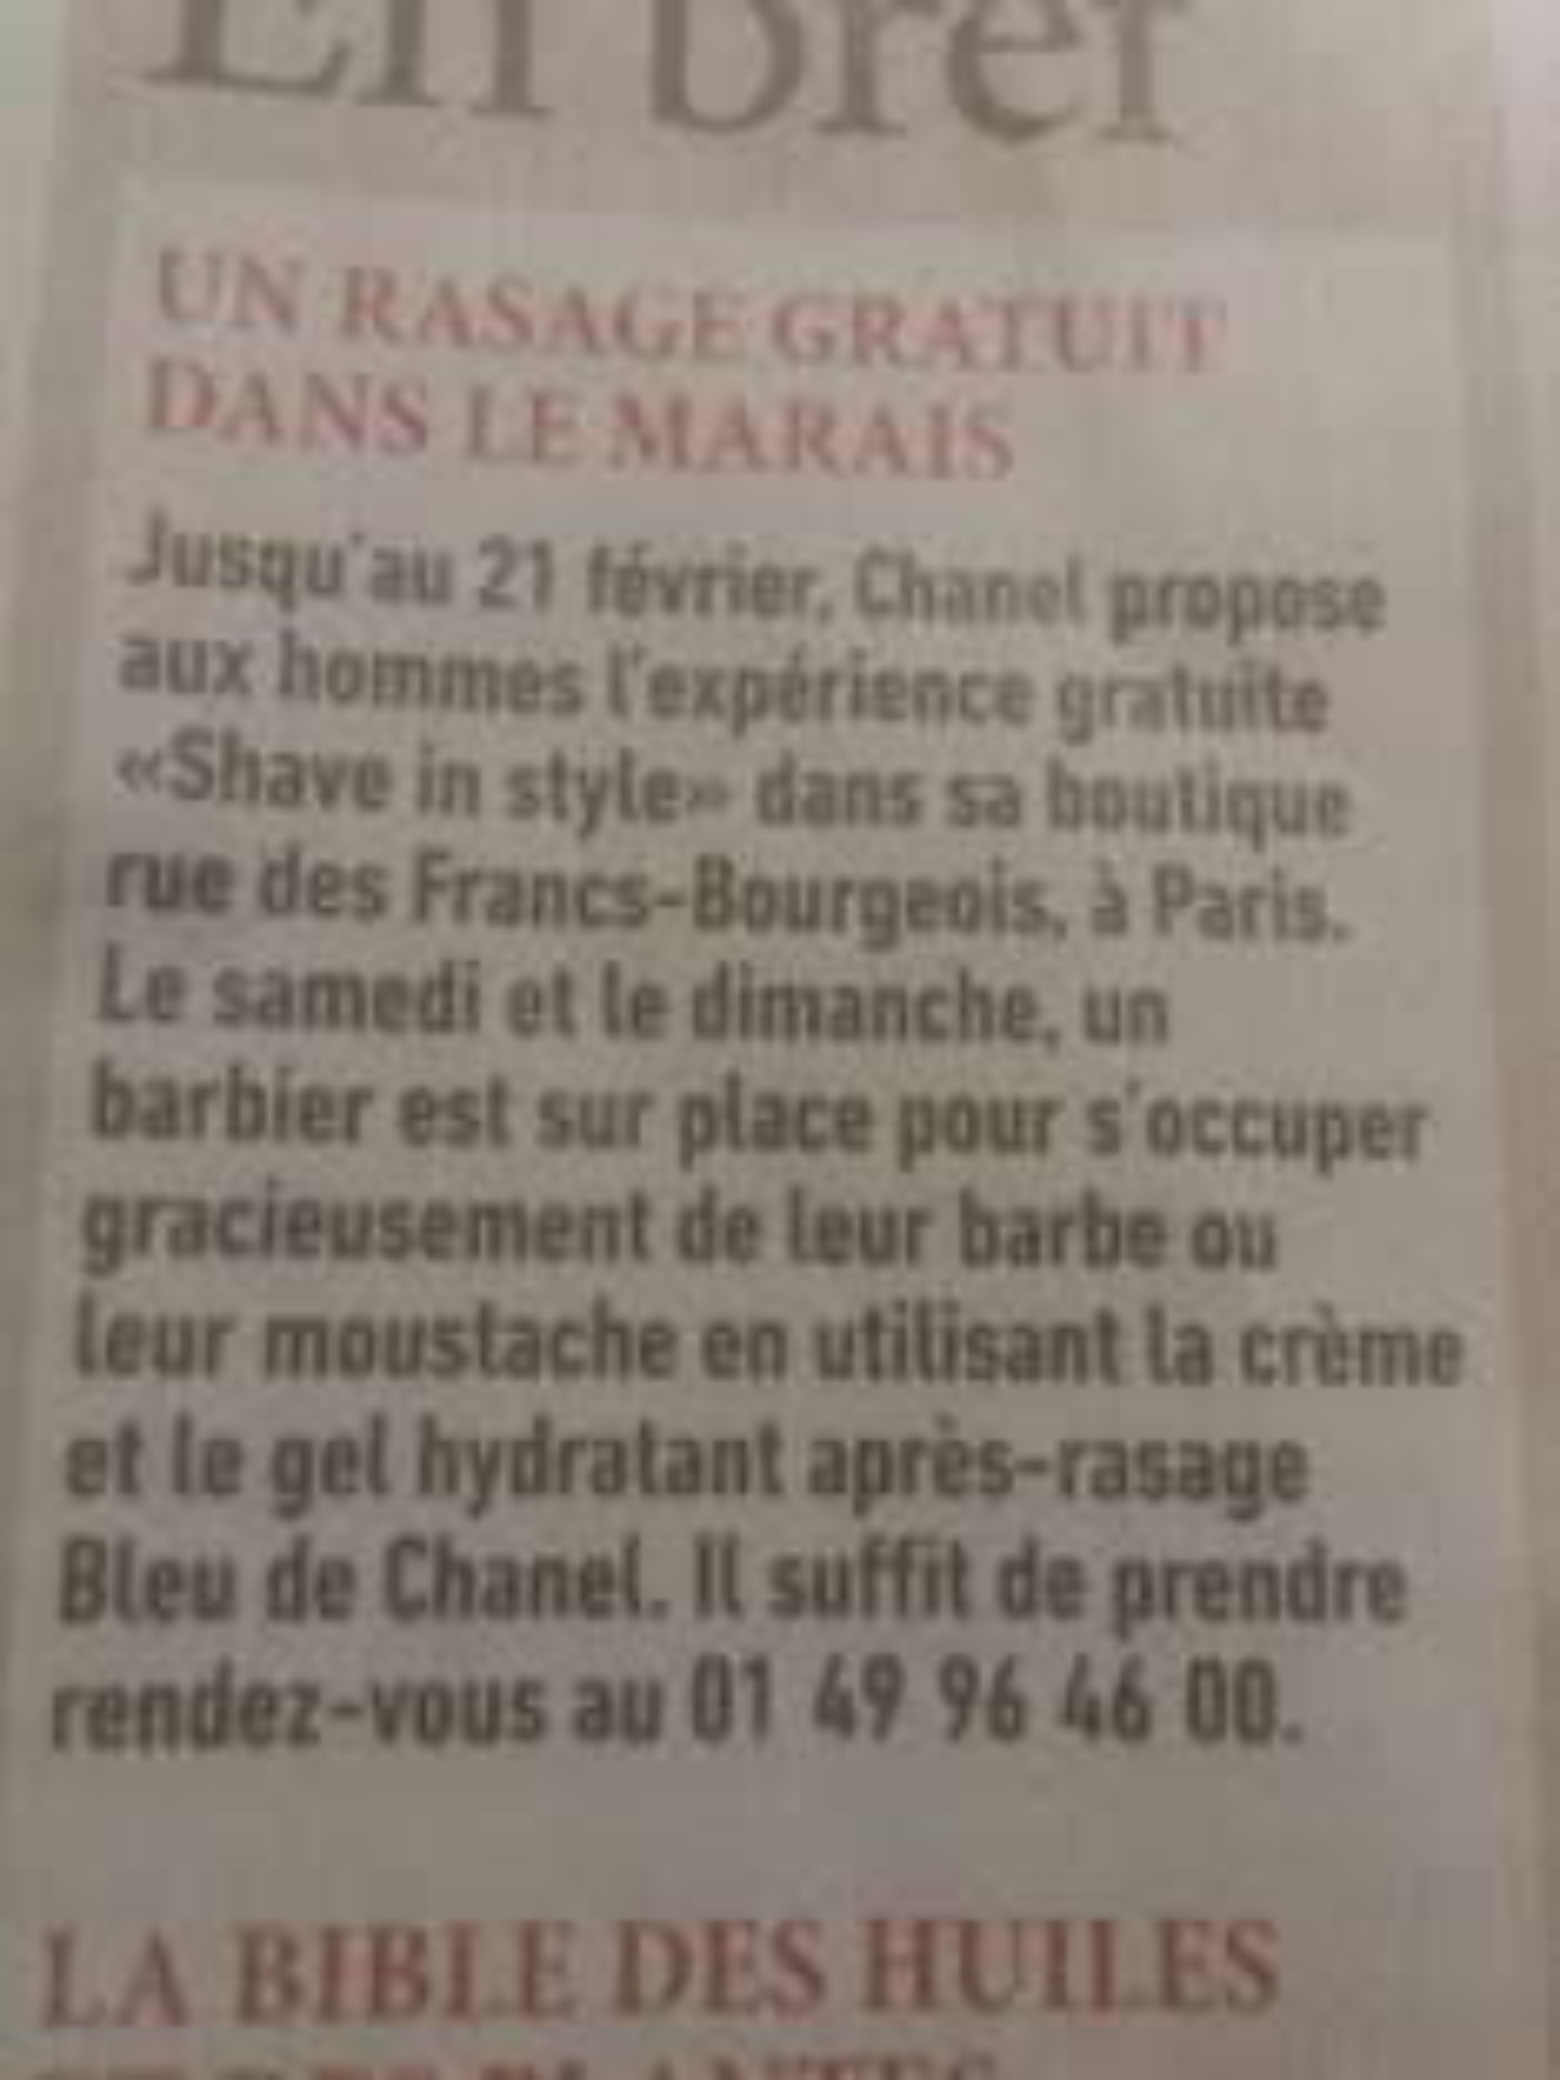 Rasage gratuit le samedi et le dimanche par un Barbier